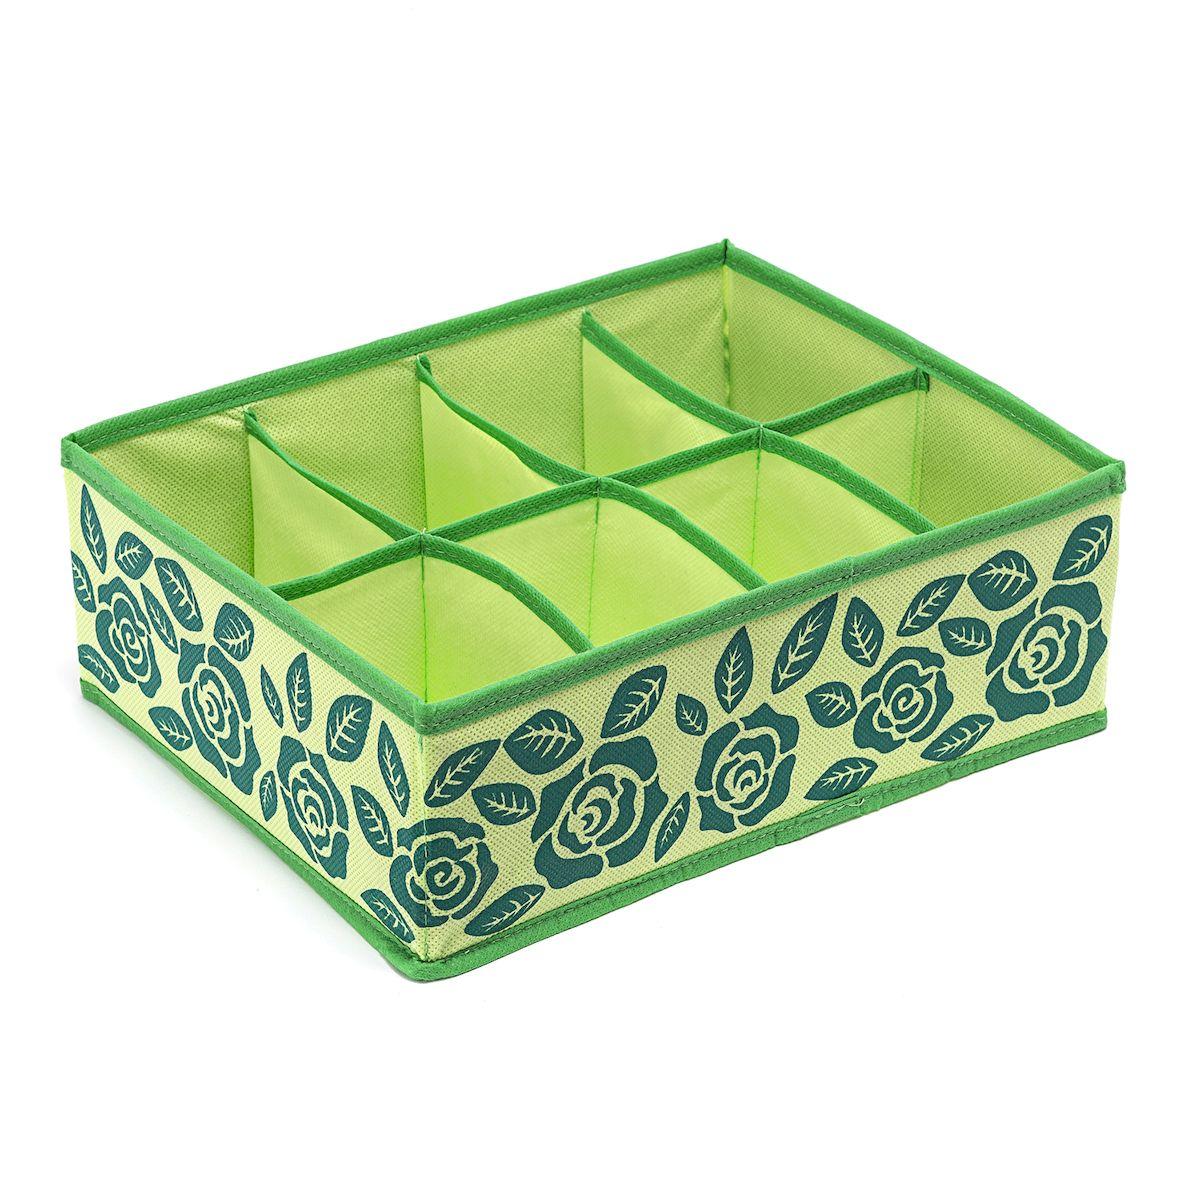 Органайзер для хранения Homsu Green Flower, 8 секций , 31 х 24 х 11 смHOM-380Компактный органайзер Homsu Green Flower изготовлен из высококачественного полиэстера, который обеспечивает естественную вентиляцию. Материал позволяет воздуху свободно проникать внутрь, но не пропускает пыль. Органайзер отлично держит форму, благодаря вставкам из плотного картона. Изделие имеет 8 секций для хранения нижнего белья, колготок, носков и другой одежды.Такой органайзер позволит вам хранить вещи компактно и удобно.